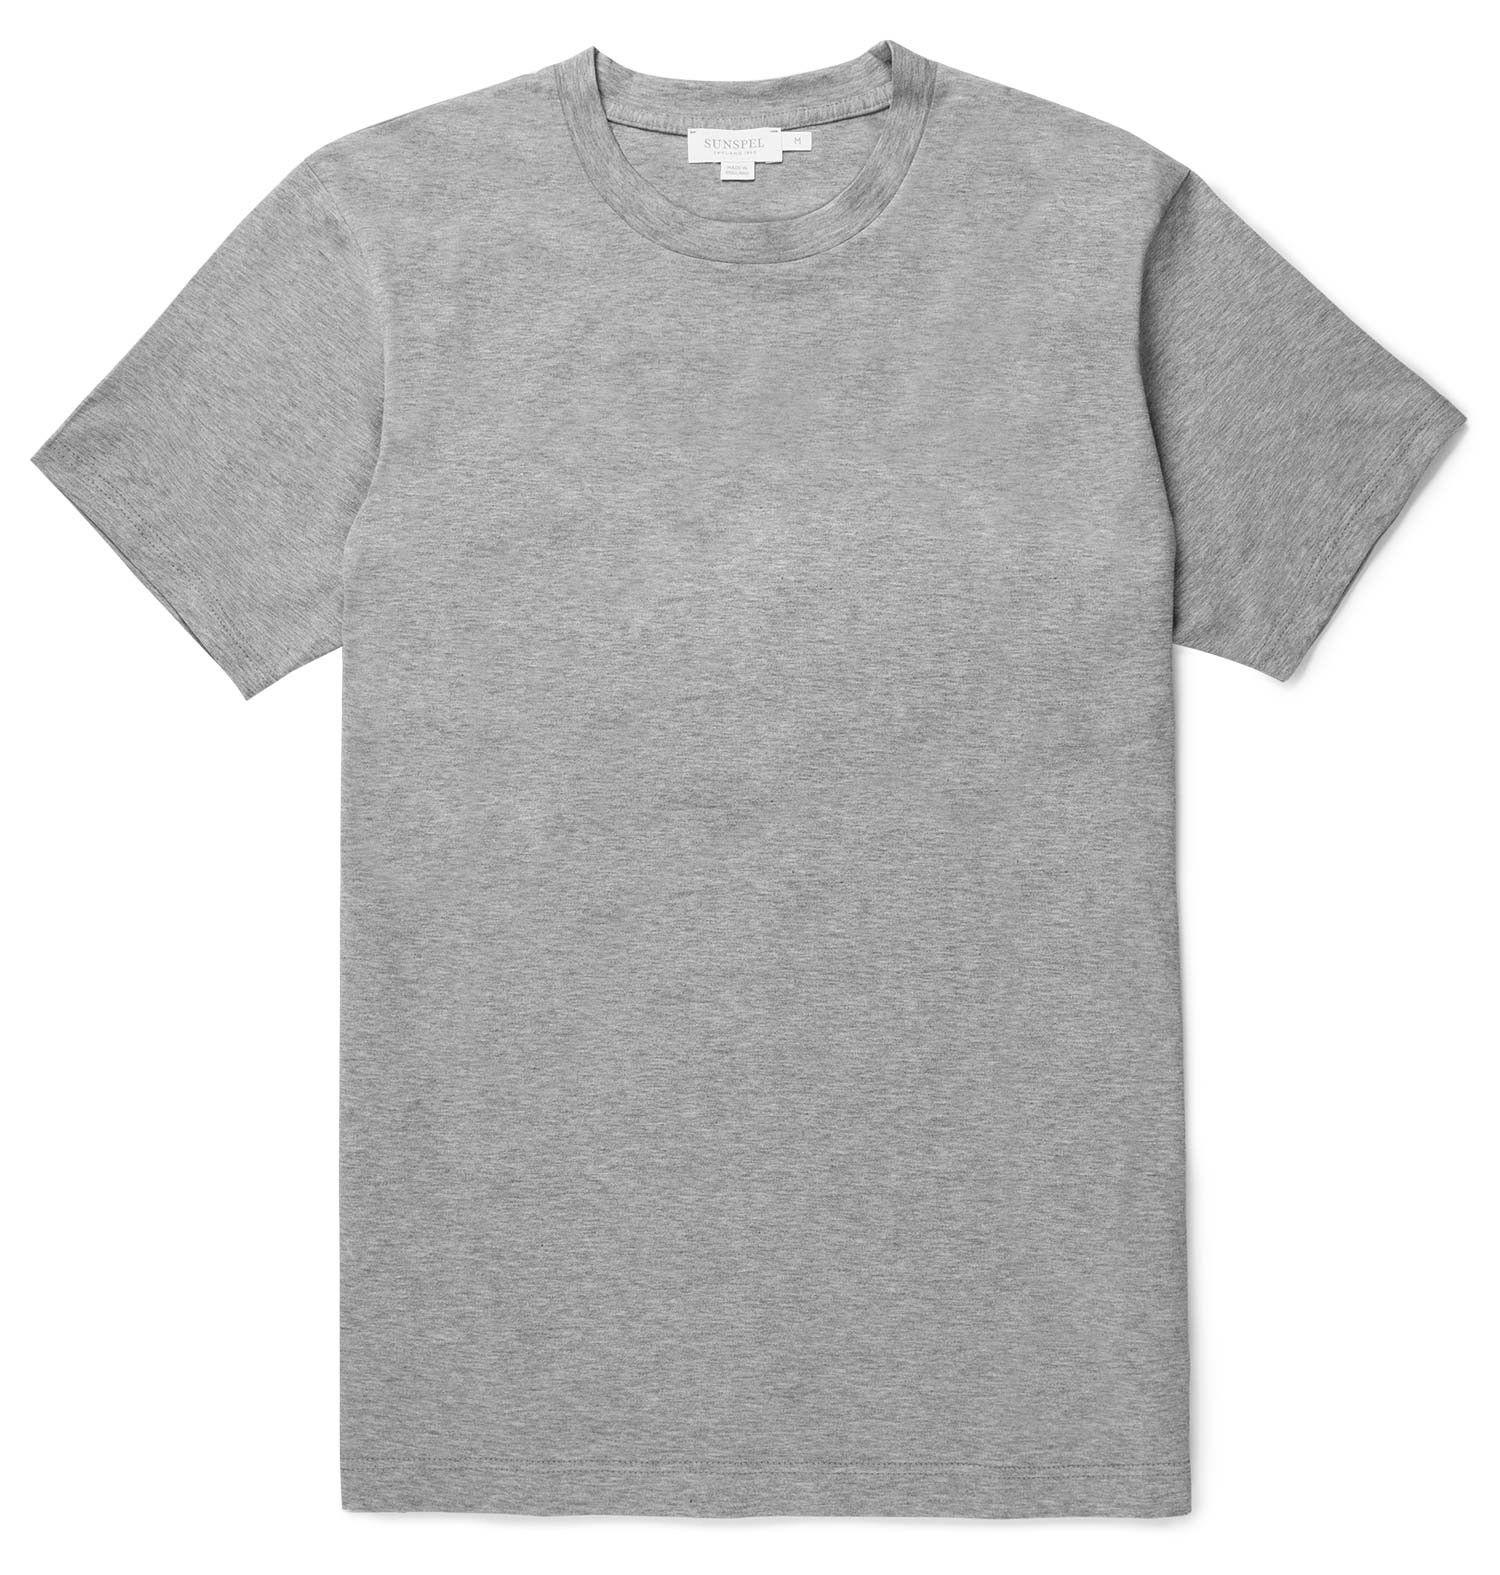 782c4069 Men's Cotton Riviera T-Shirt in Grey Melange   Sunspel   I Could ...